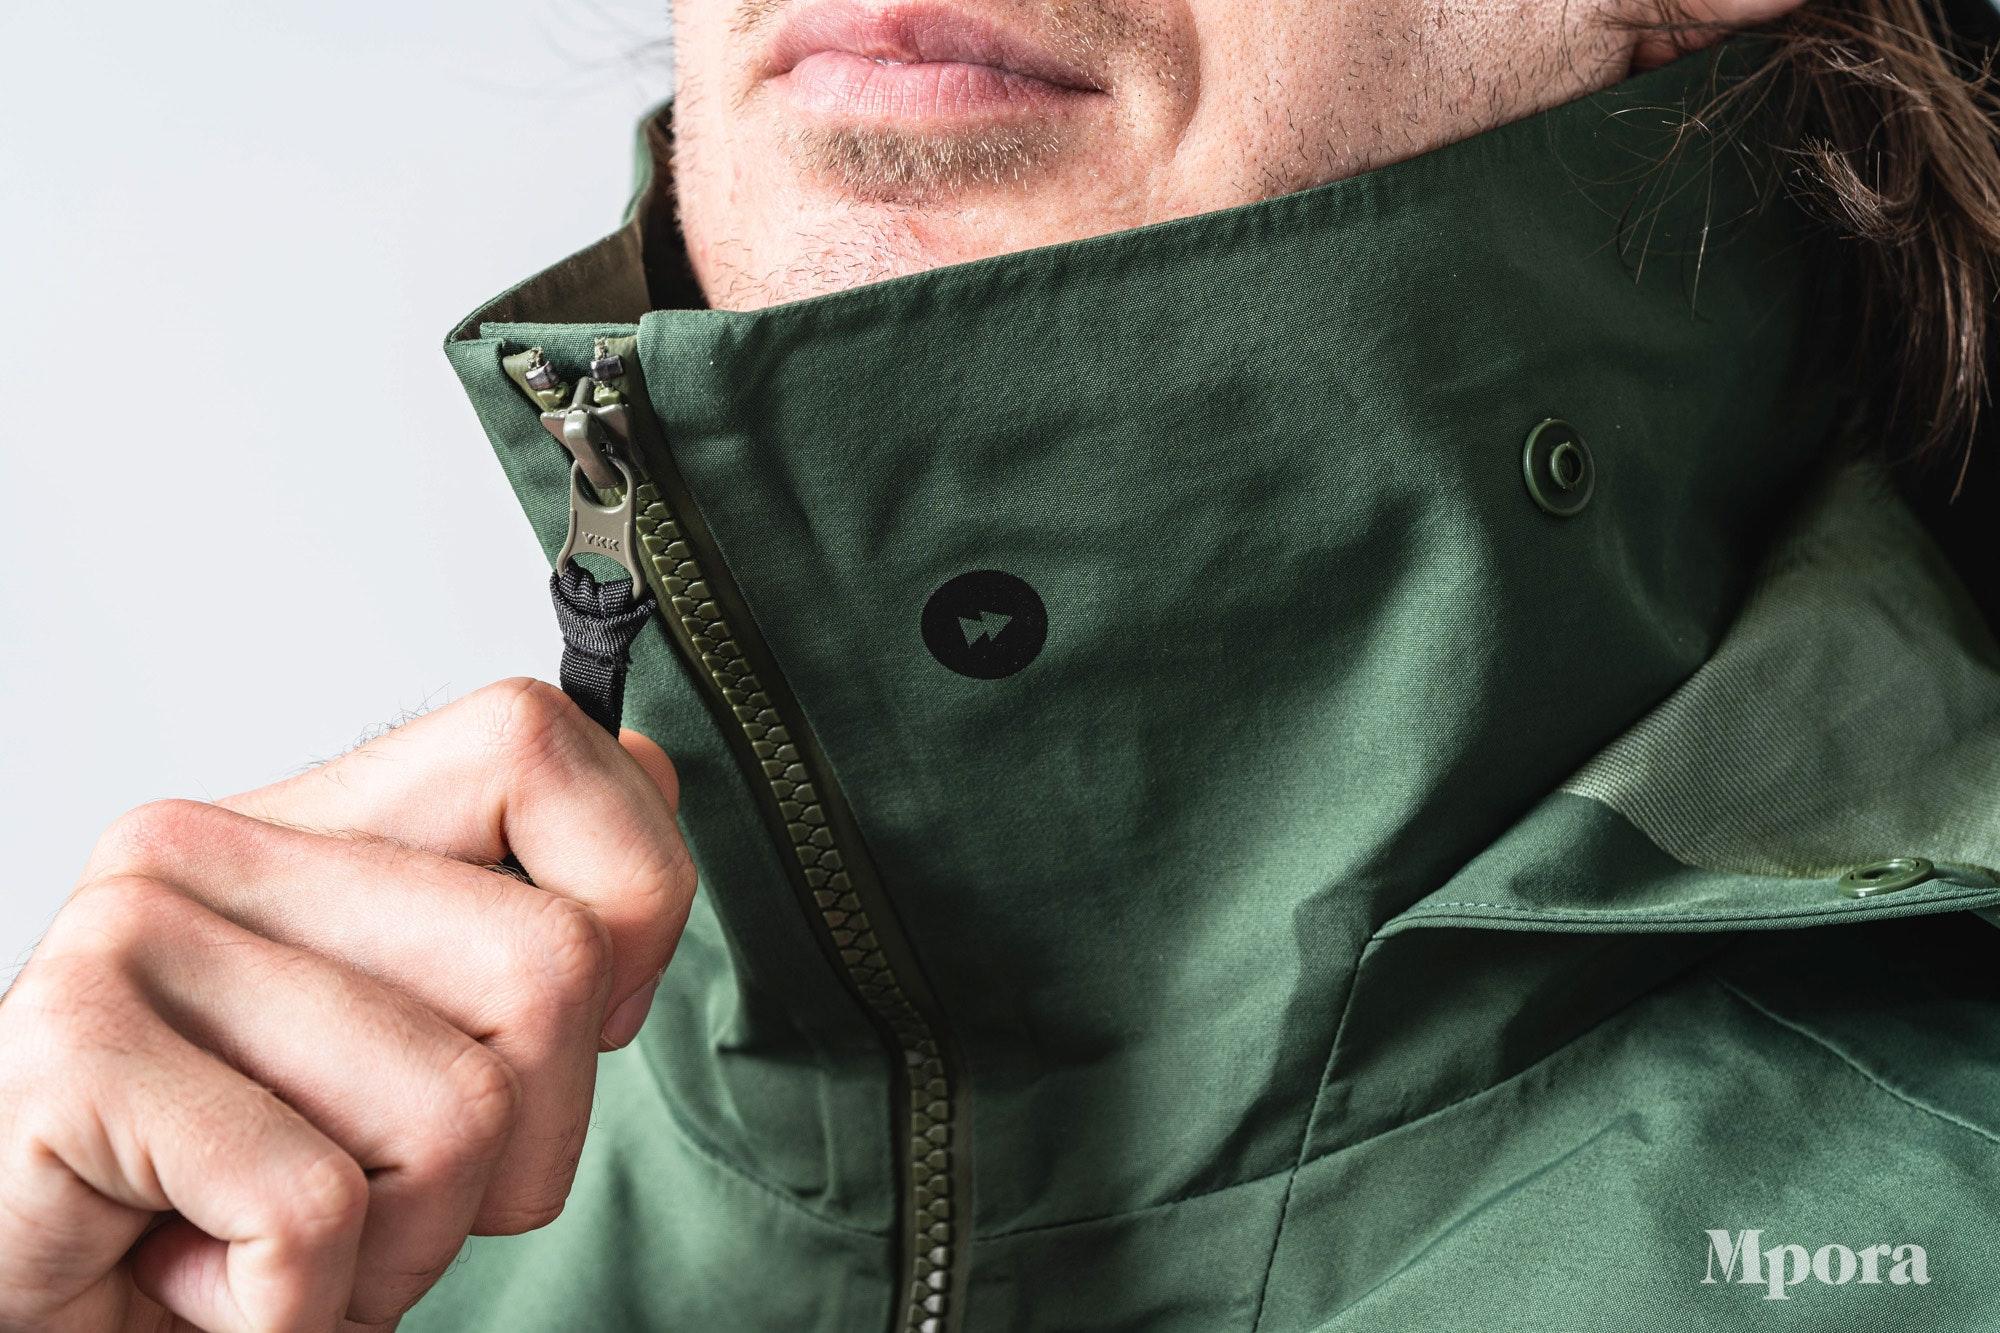 FW Root 3L Ski Jacket